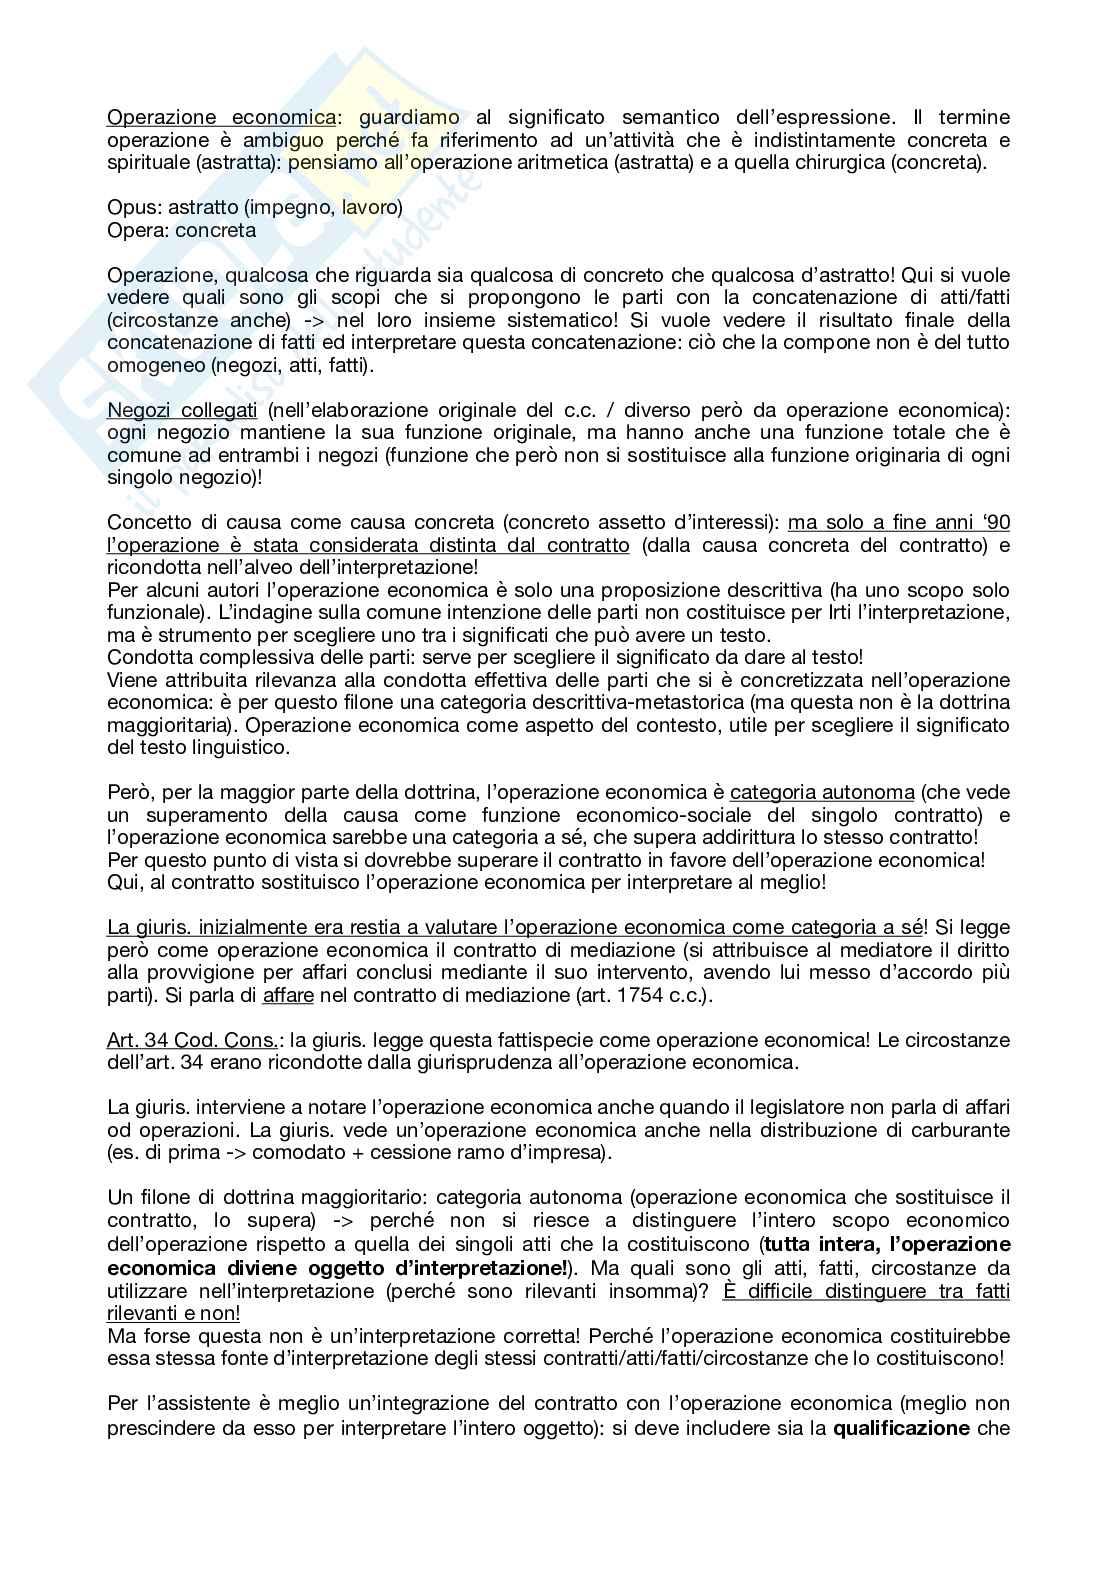 Appunti di Diritto Civile I (corso di Mauro Orlandi) Pag. 51